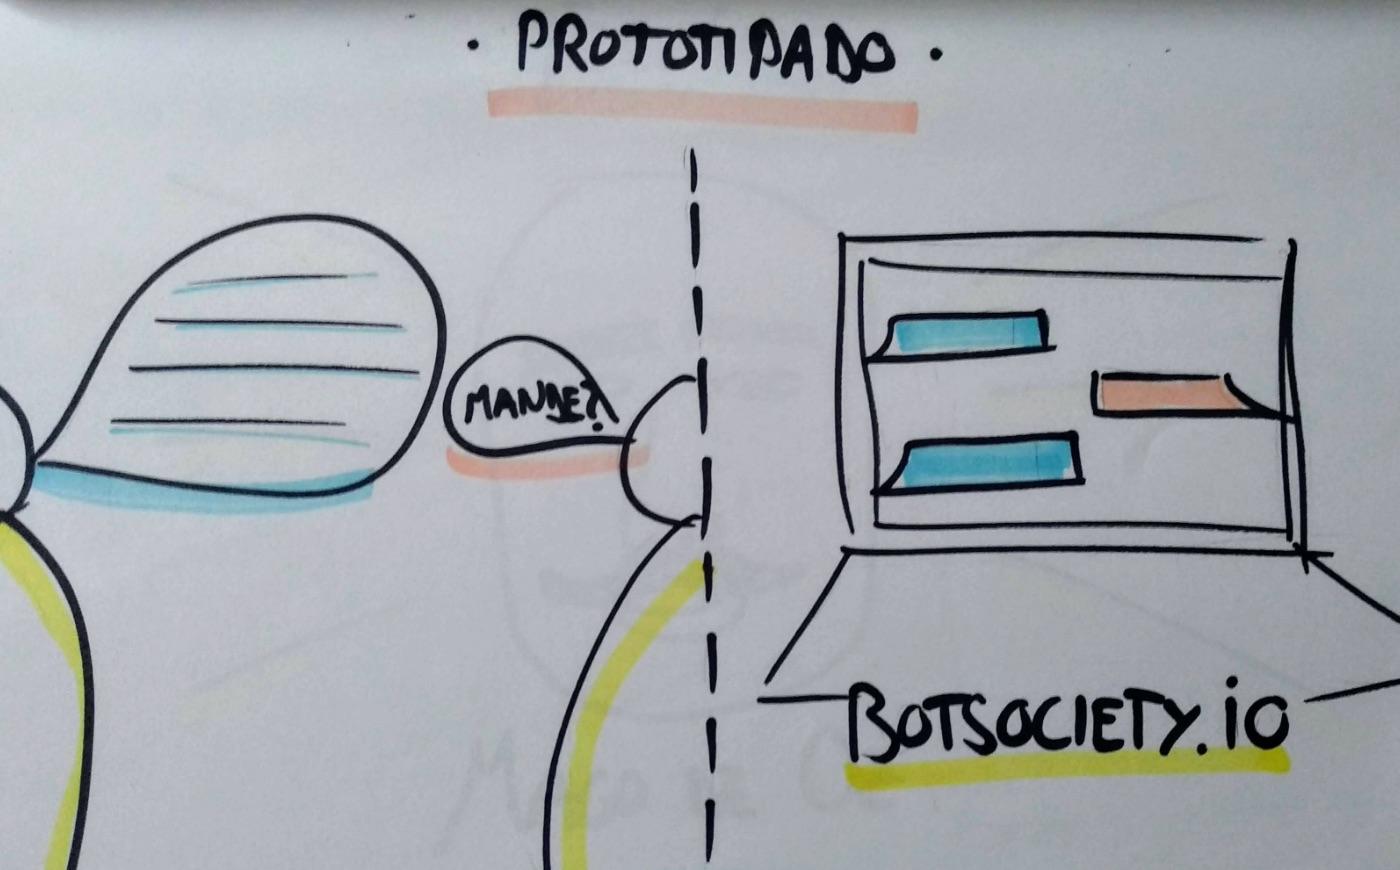 dibujo sobre herramientas de prototipado